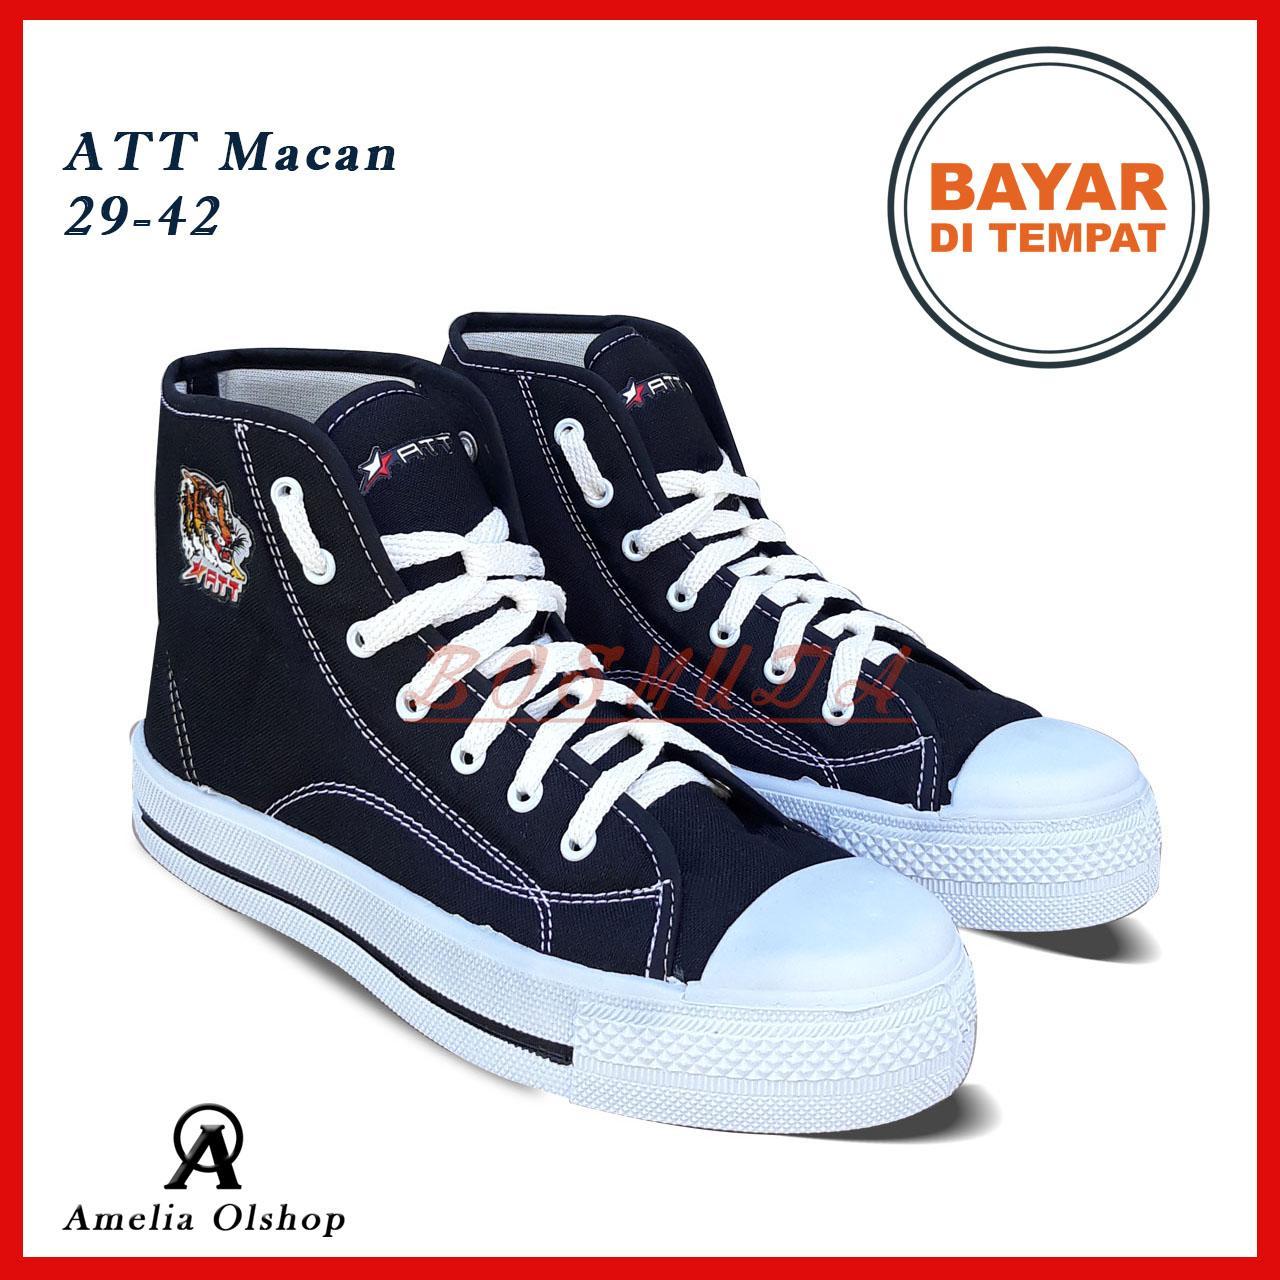 Amelia Olshop - Sepatu Boots Pria ATT 37-42 / Sepatu Pria / Sepatu Pria Murah / Sepatu Sekolah / Sepatu Sneakers Pria / Sepatu Kets Boots Pria